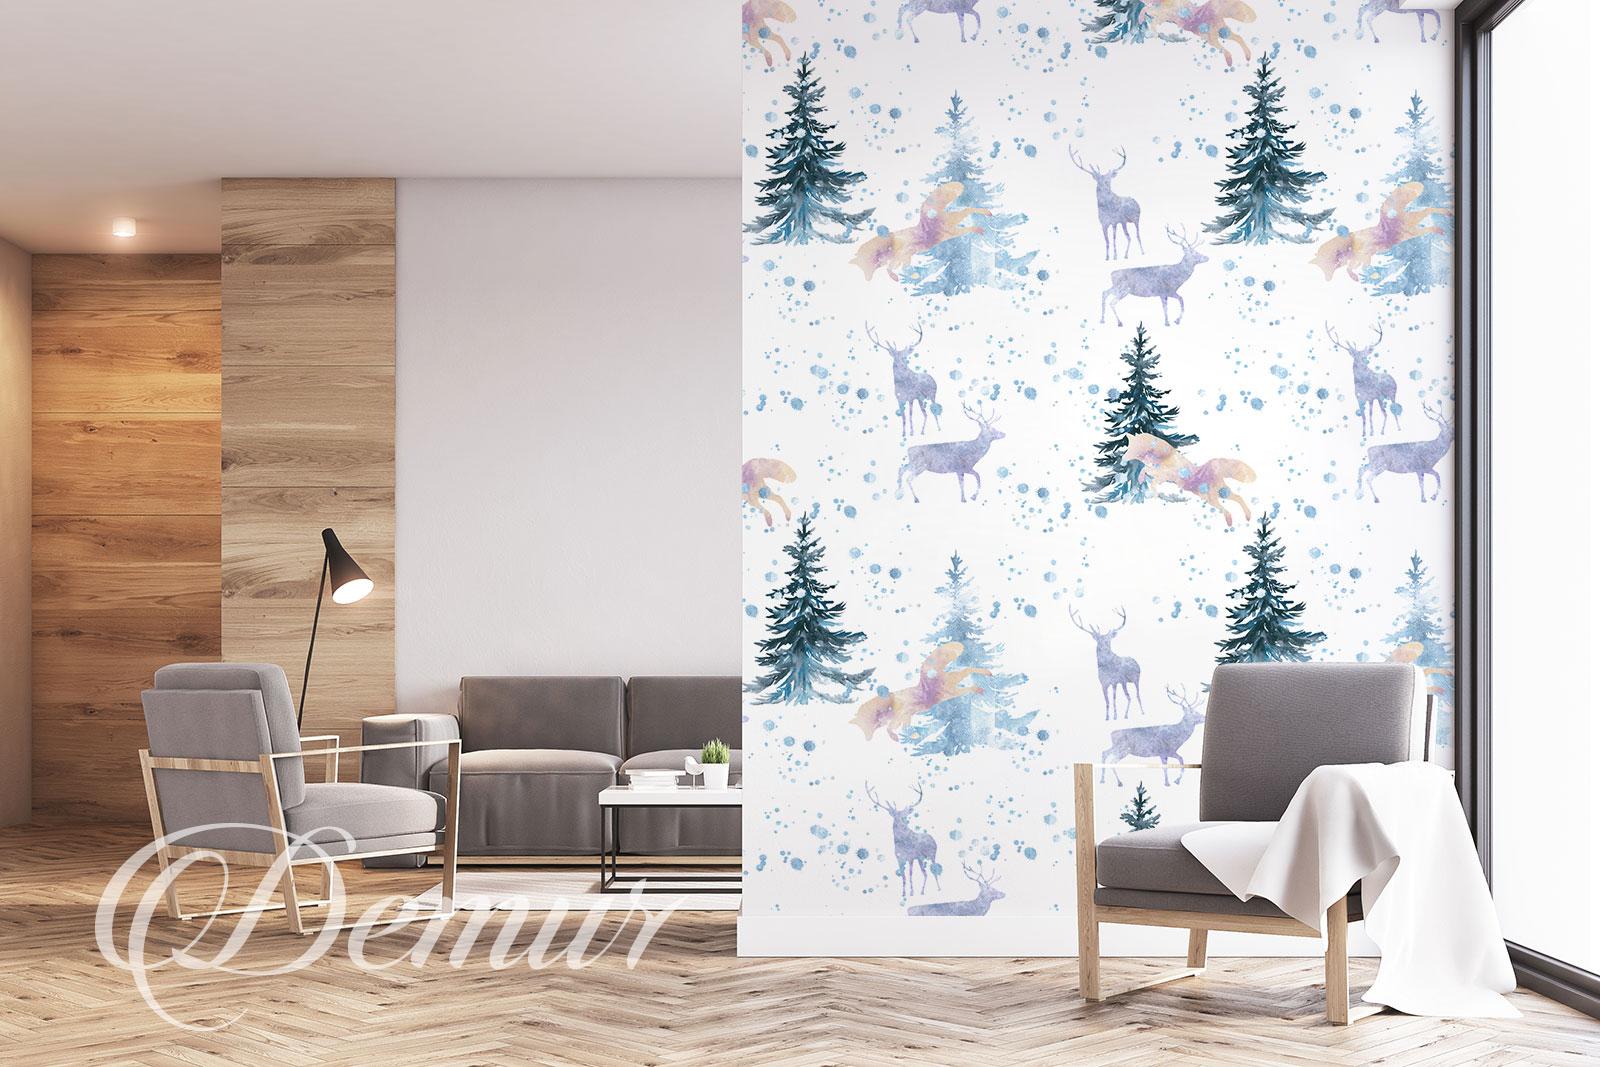 Fototapeta - Skandynawski wzór - Pomysł na ścianę w pokoju - Demur